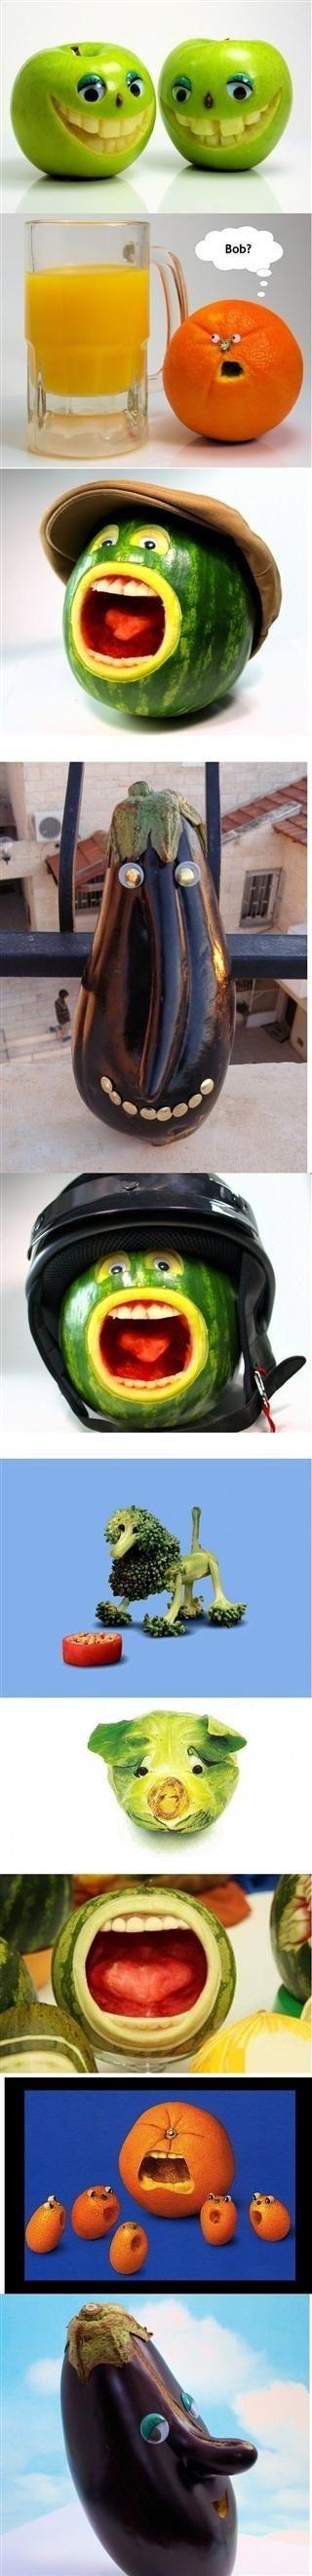 Fruit faces